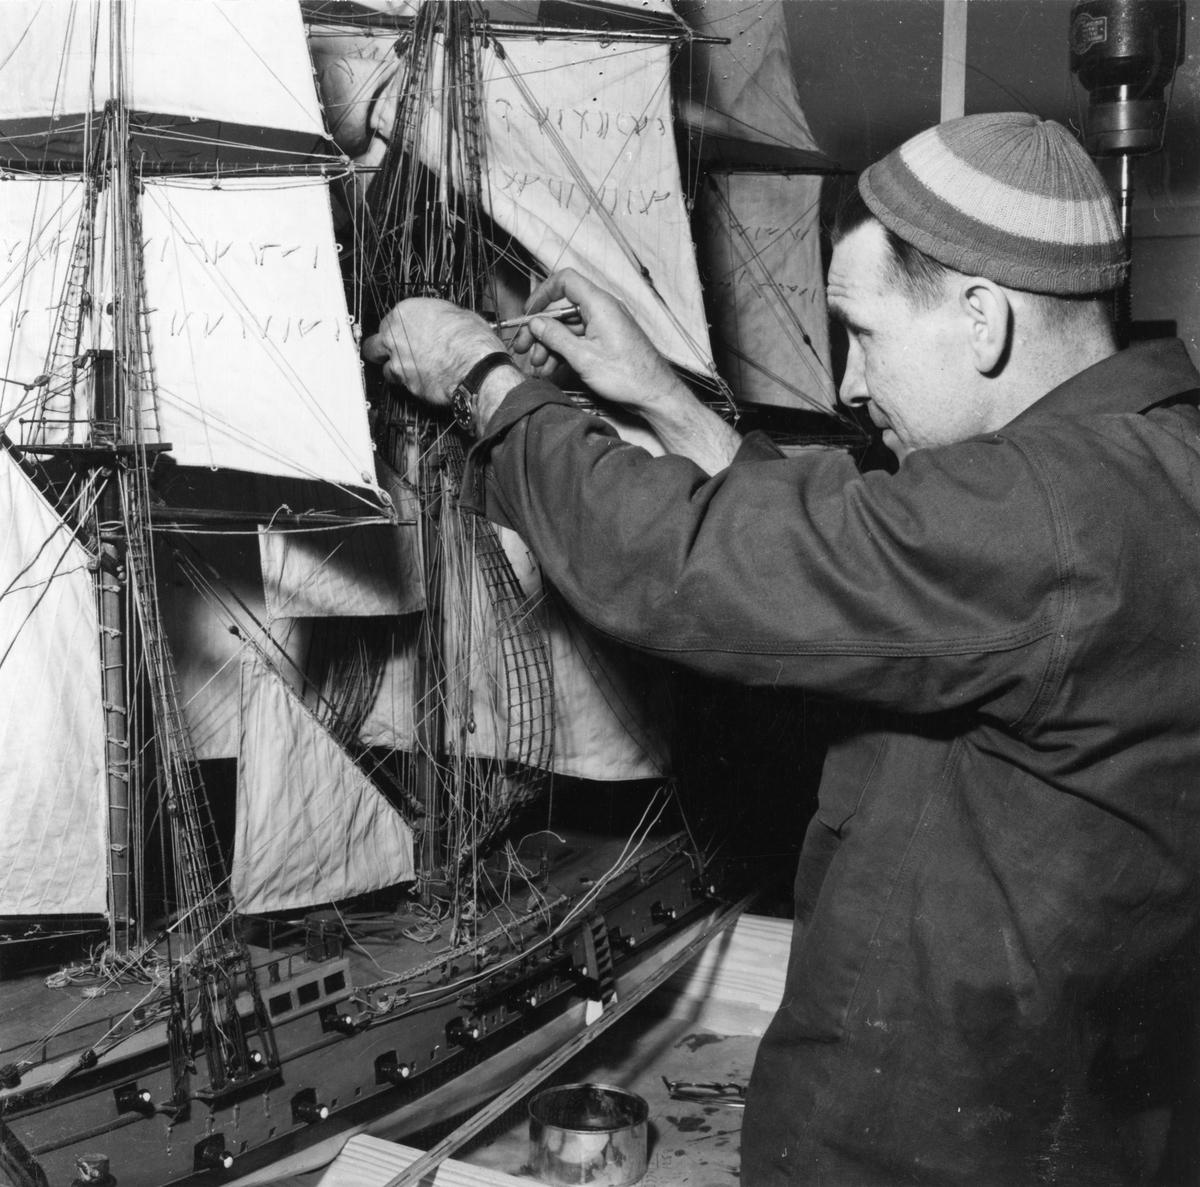 Sjöhistoriska museets modellverkstad. Modellbyggare Voldemar Konga i arbete med riggen på en äldre modell.